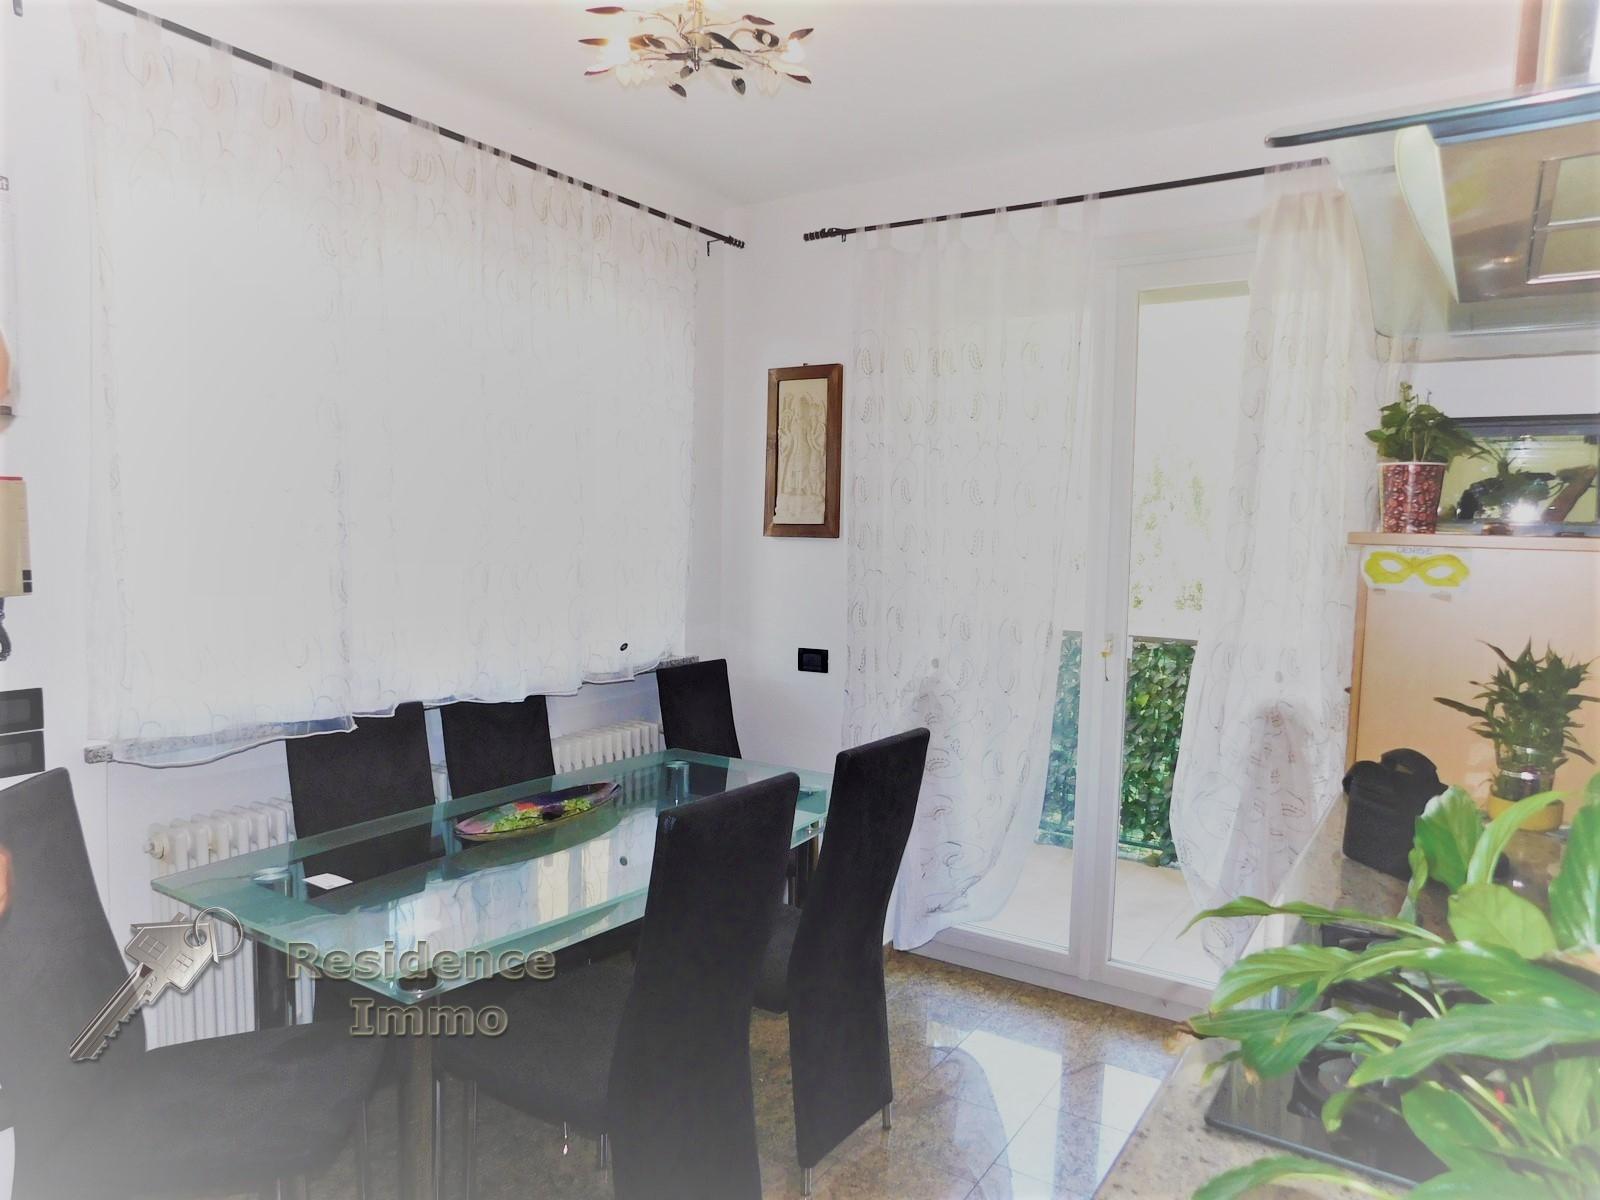 Appartamento in vendita a Laives, 3 locali, zona Località: SanGiacomo, prezzo € 260.000 | CambioCasa.it